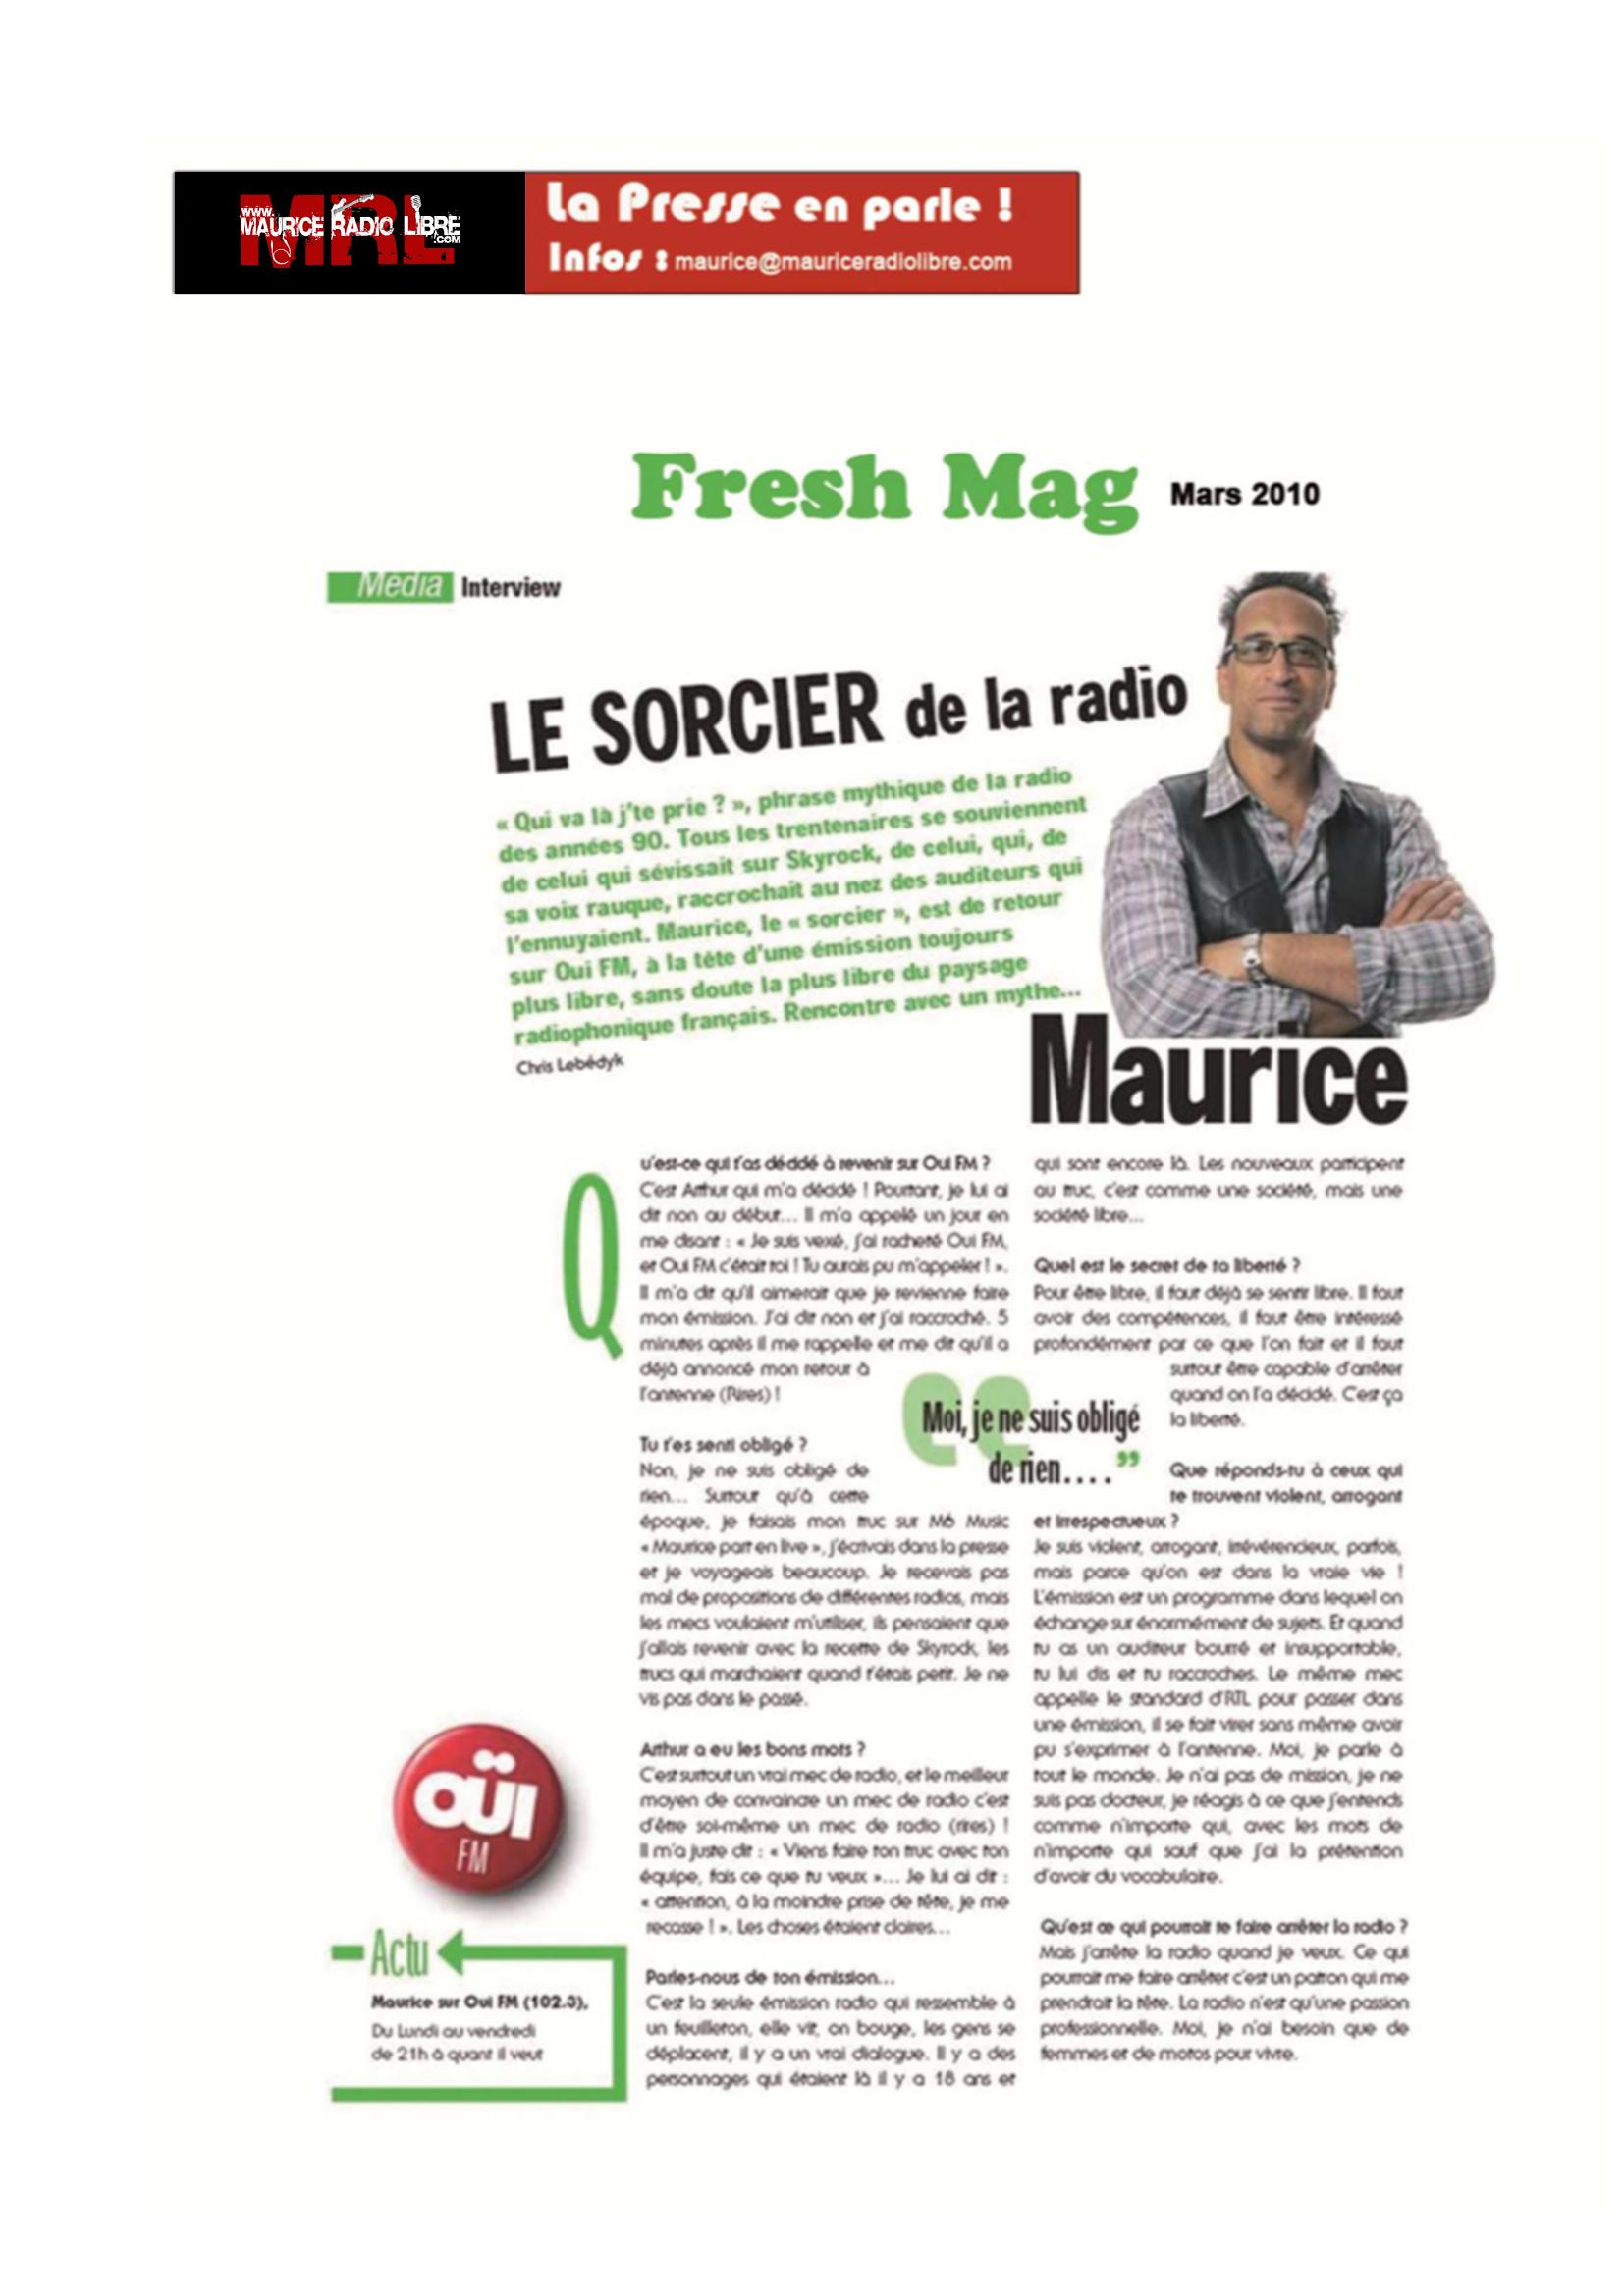 vignette Fresh magazine Le sorcier de la radio - Mars 2010